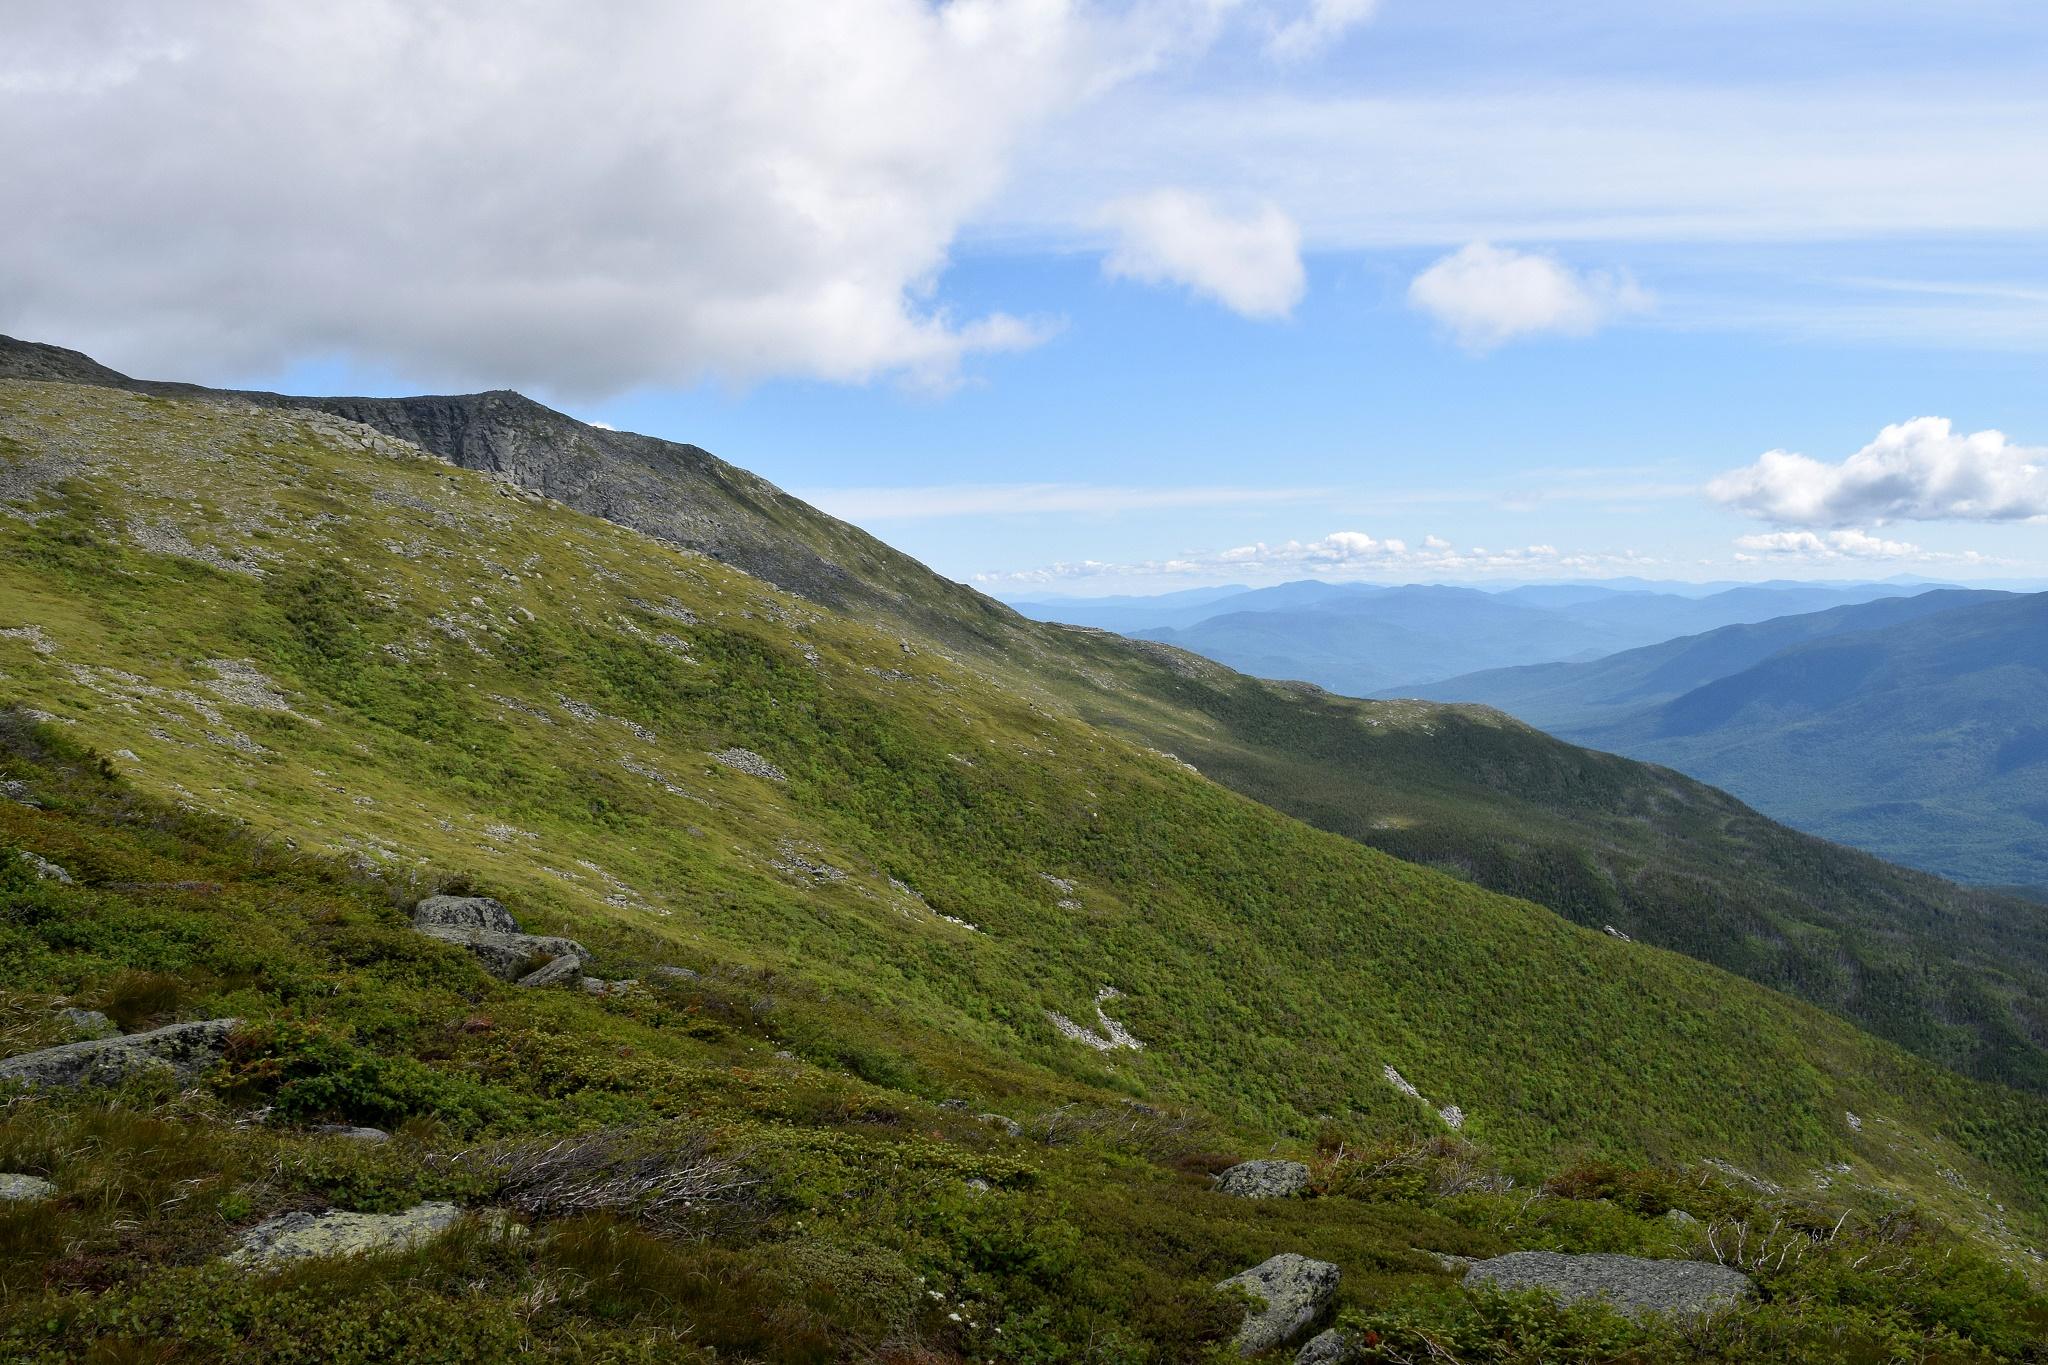 Mt-Washington-Alpine-Garden-Trail